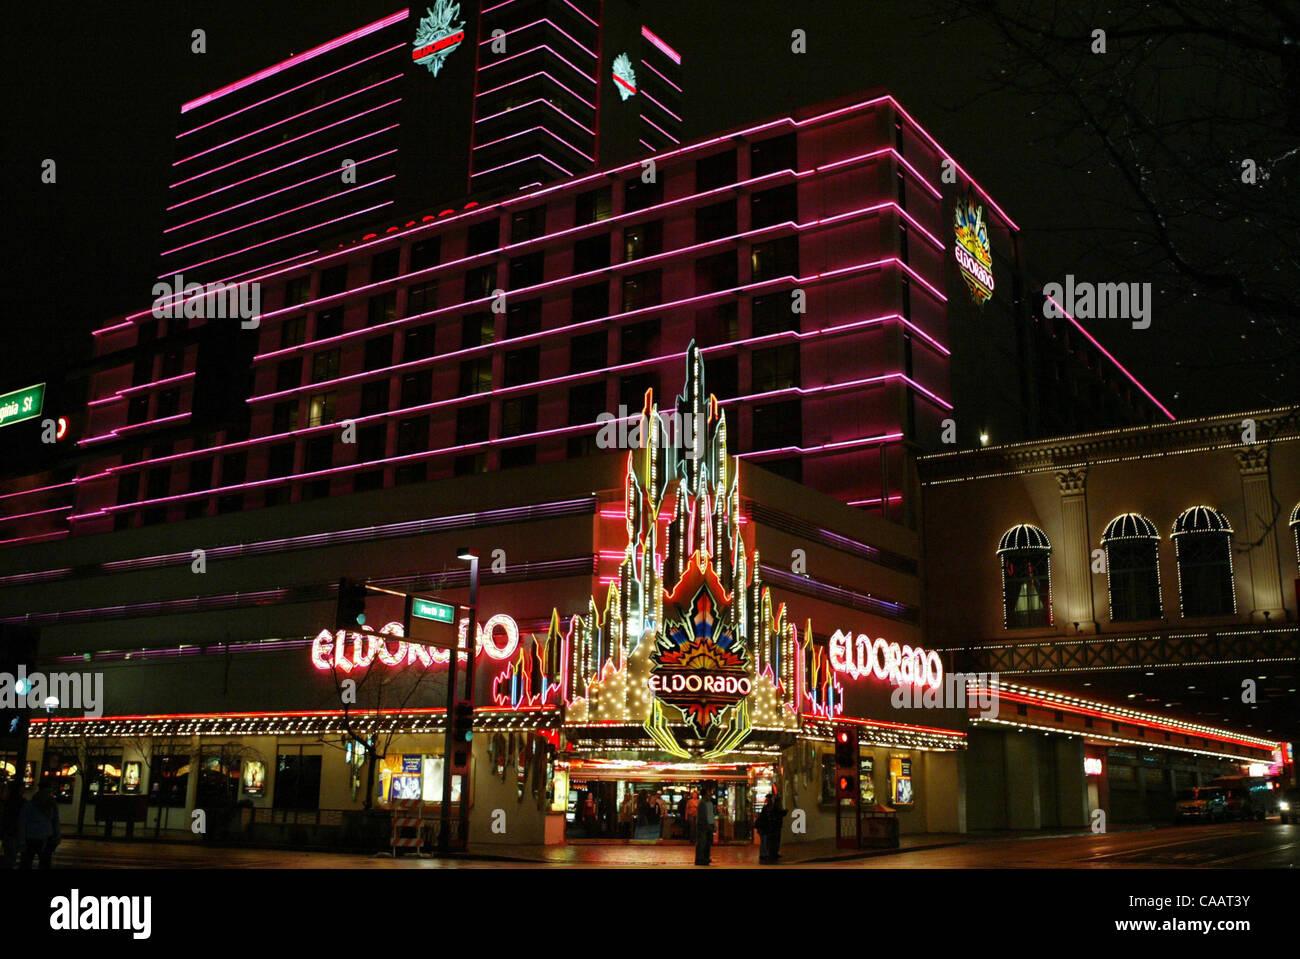 Eldorado casino hotel reno nevada Royale - 2019